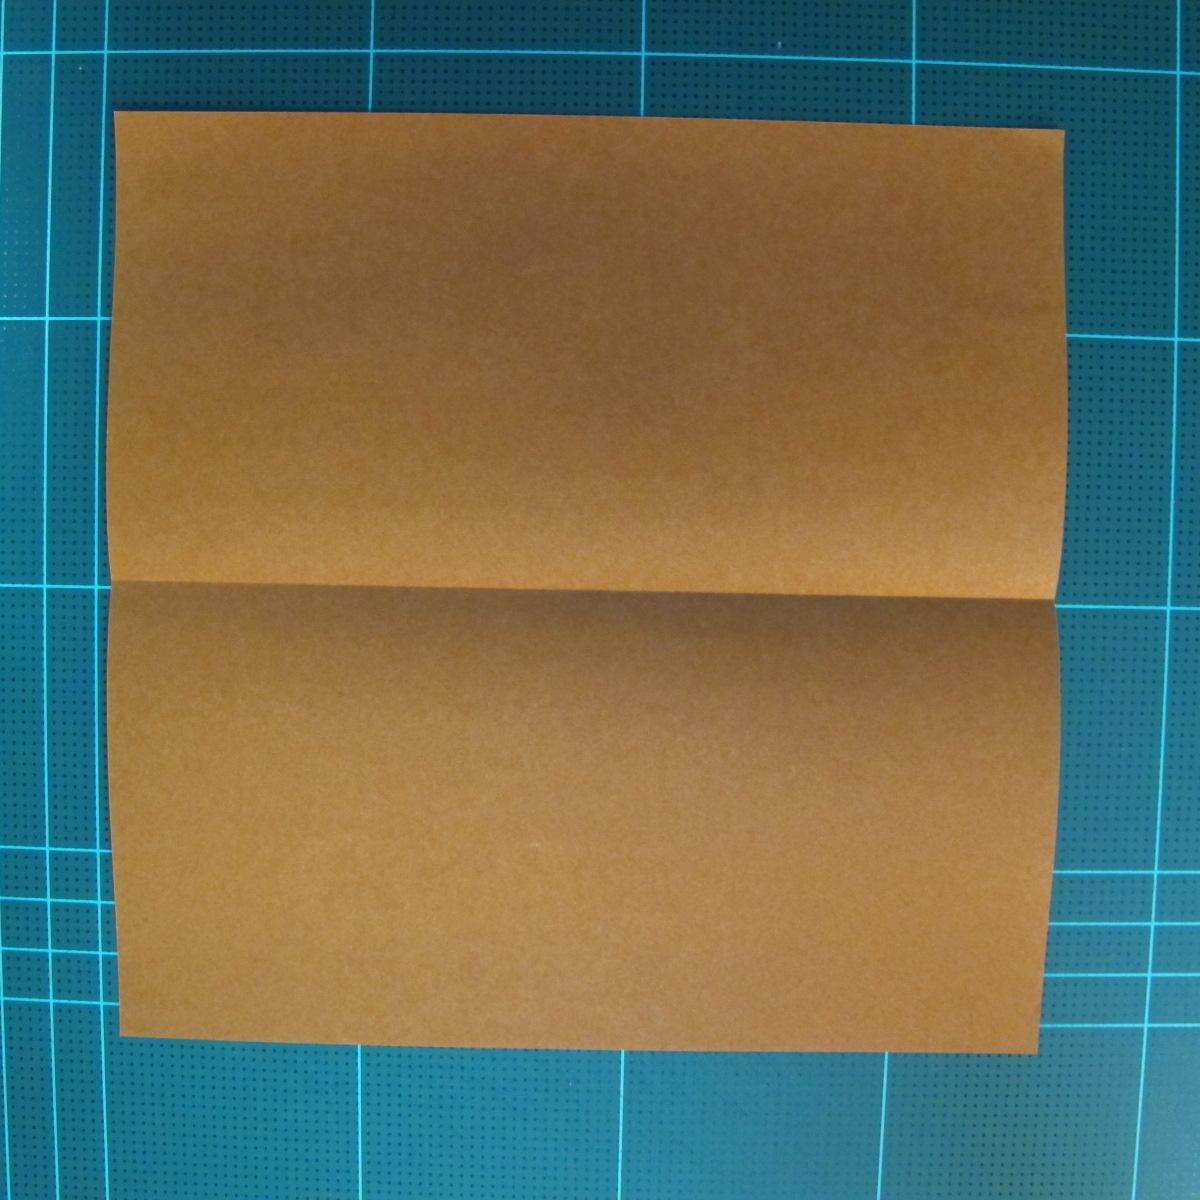 วิธีการพับกระดาษเป็นรูปกบ (แบบโคลัมเบี้ยน) (Origami Frog) 003